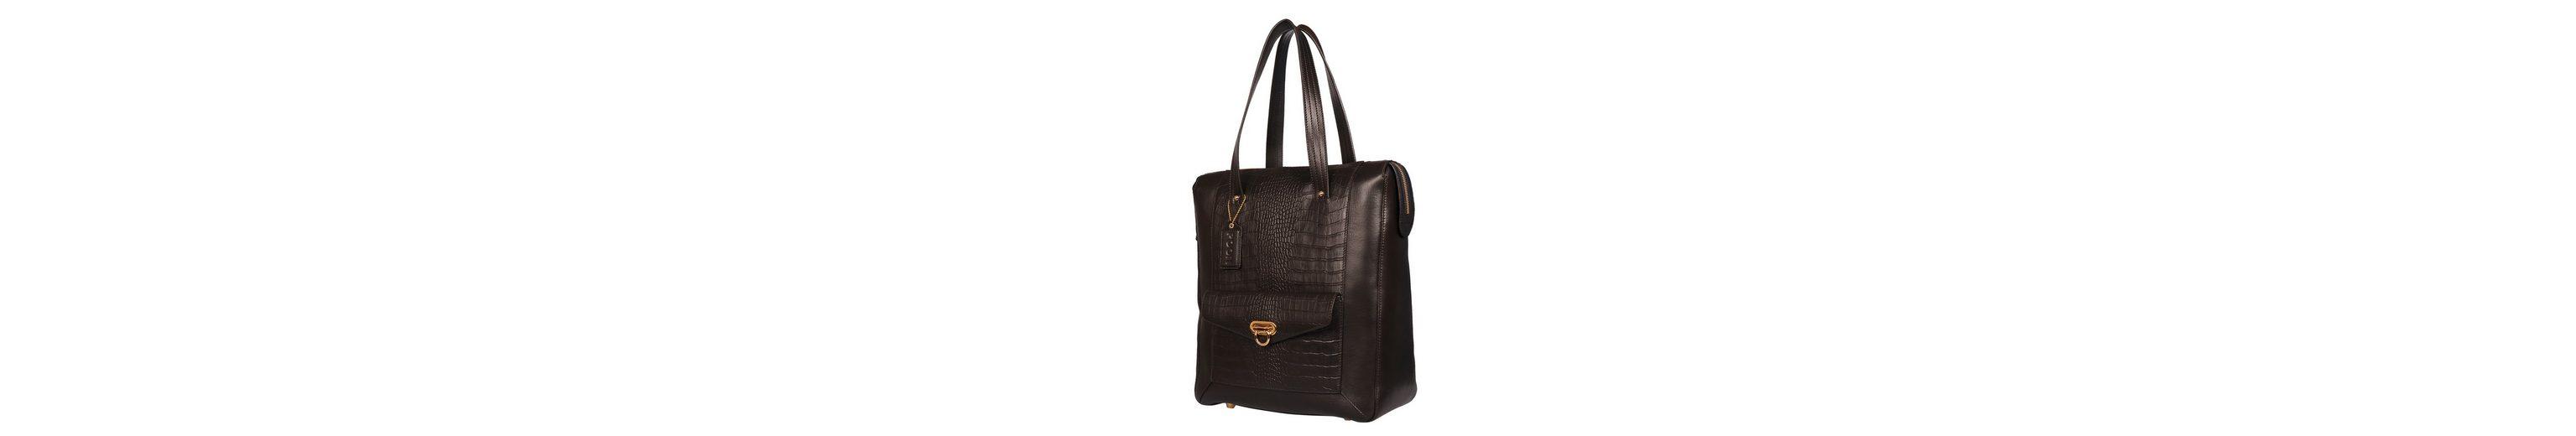 100% Zum Verkauf Garantiert Spielraum Online-Shop POON Switzerland Handtasche in elegantem Design Billig Verkauf Beliebt BnZms14